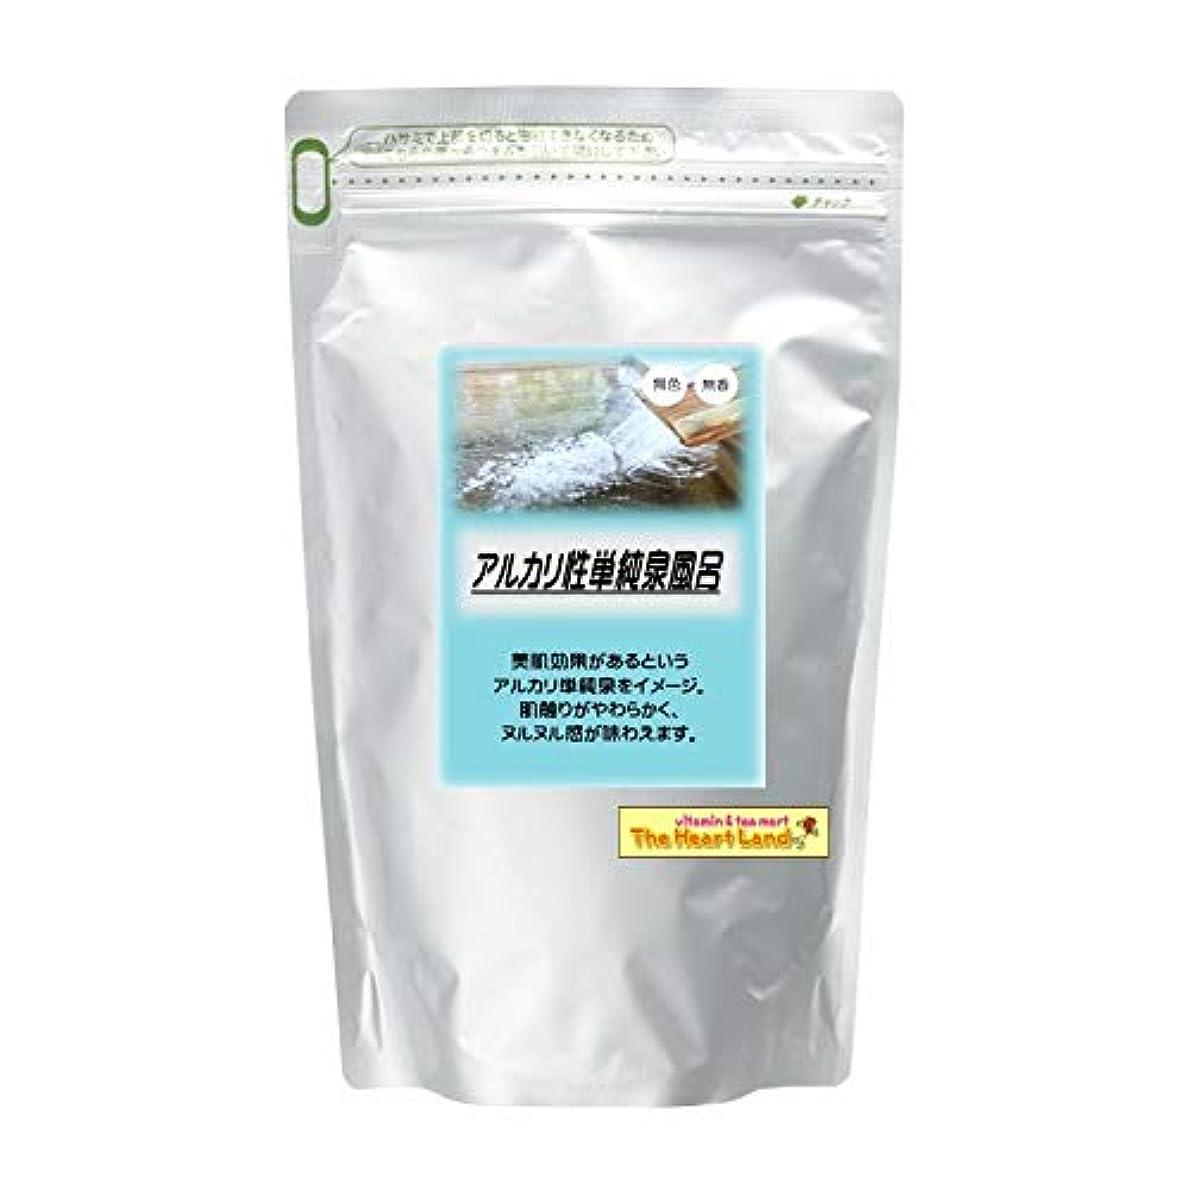 ドリル船酔い虚弱アサヒ入浴剤 浴用入浴化粧品 アルカリ性単純泉風呂 2.5kg